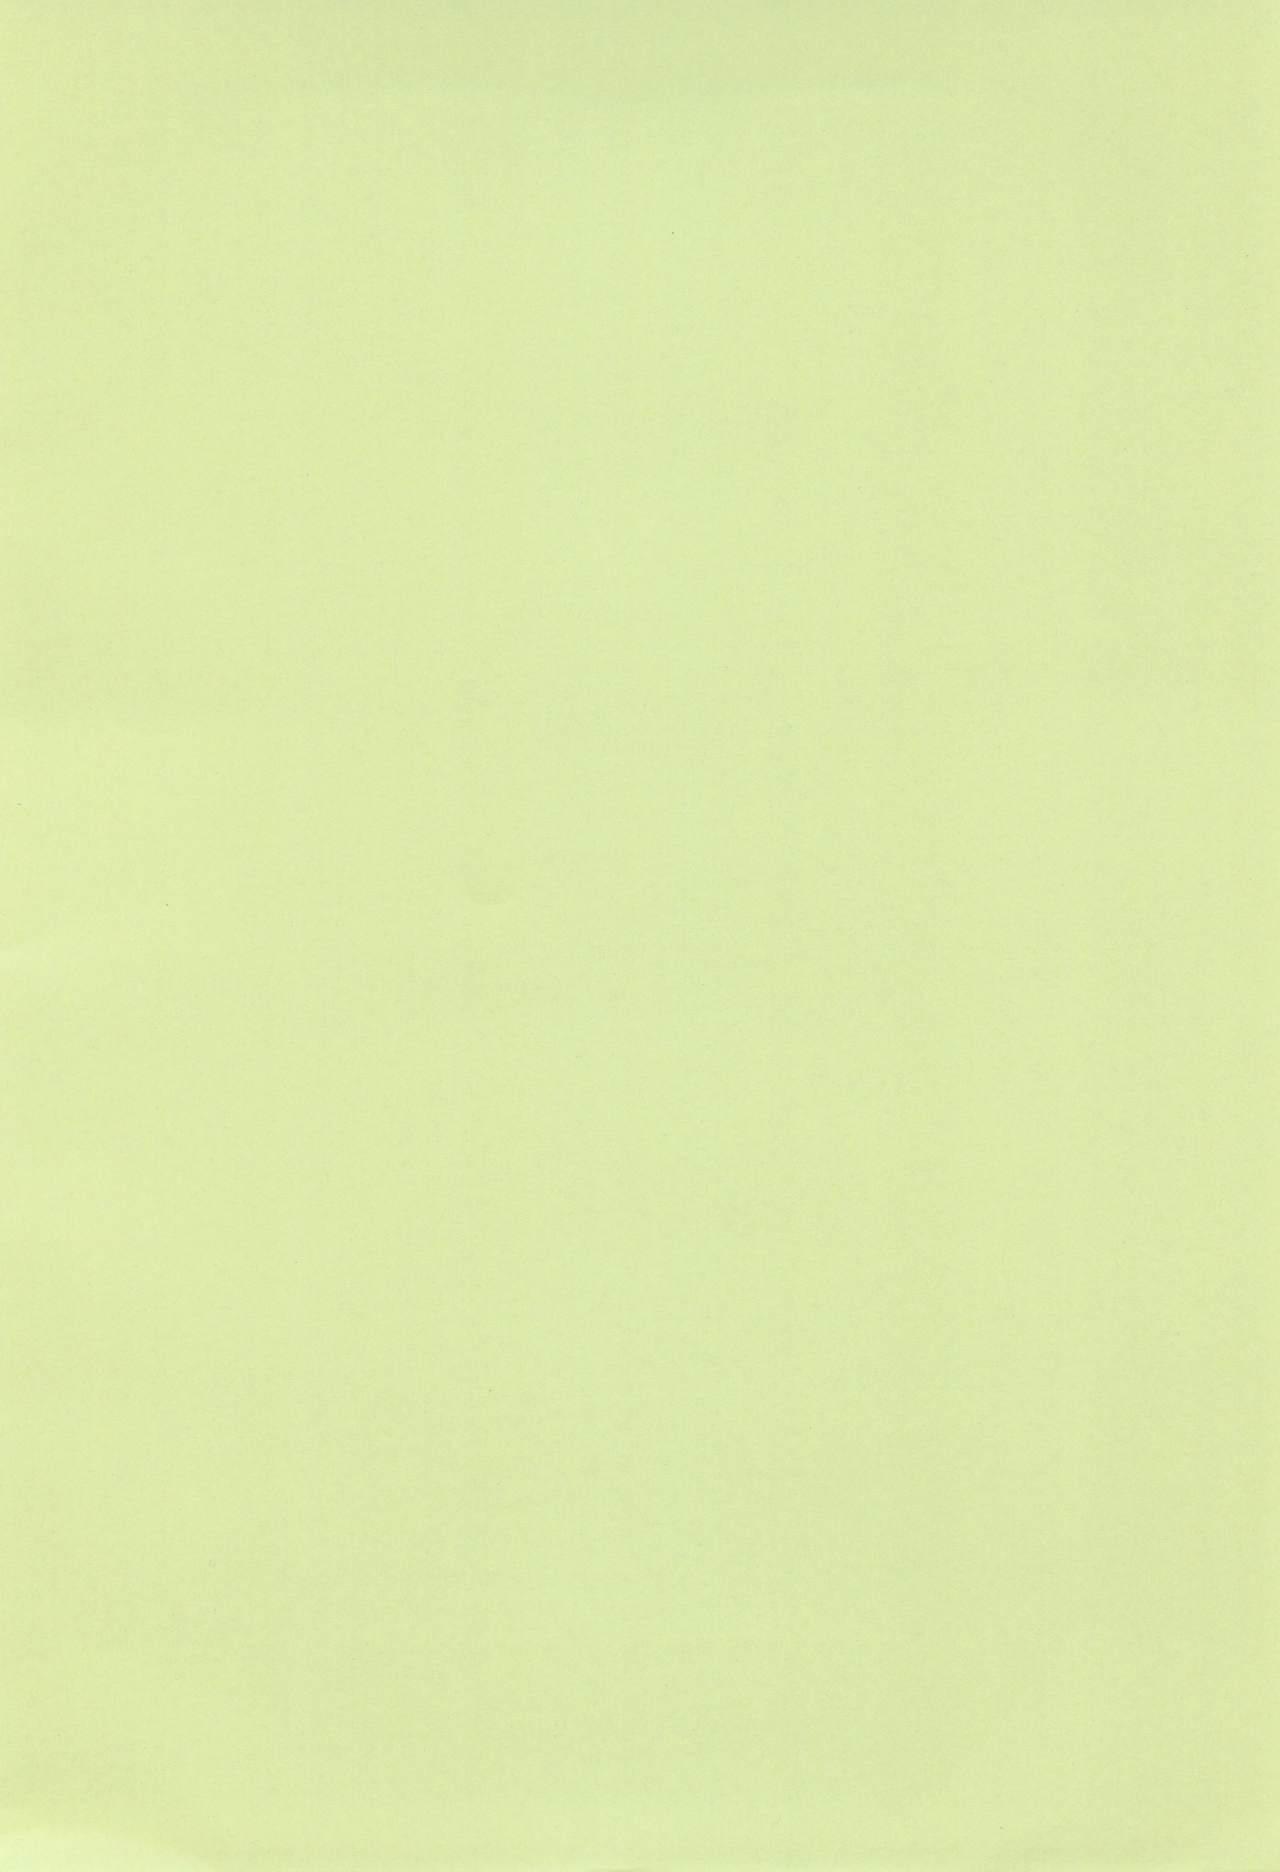 Higurashi no Nuku Koro ni Hamegoroshi-hen 3